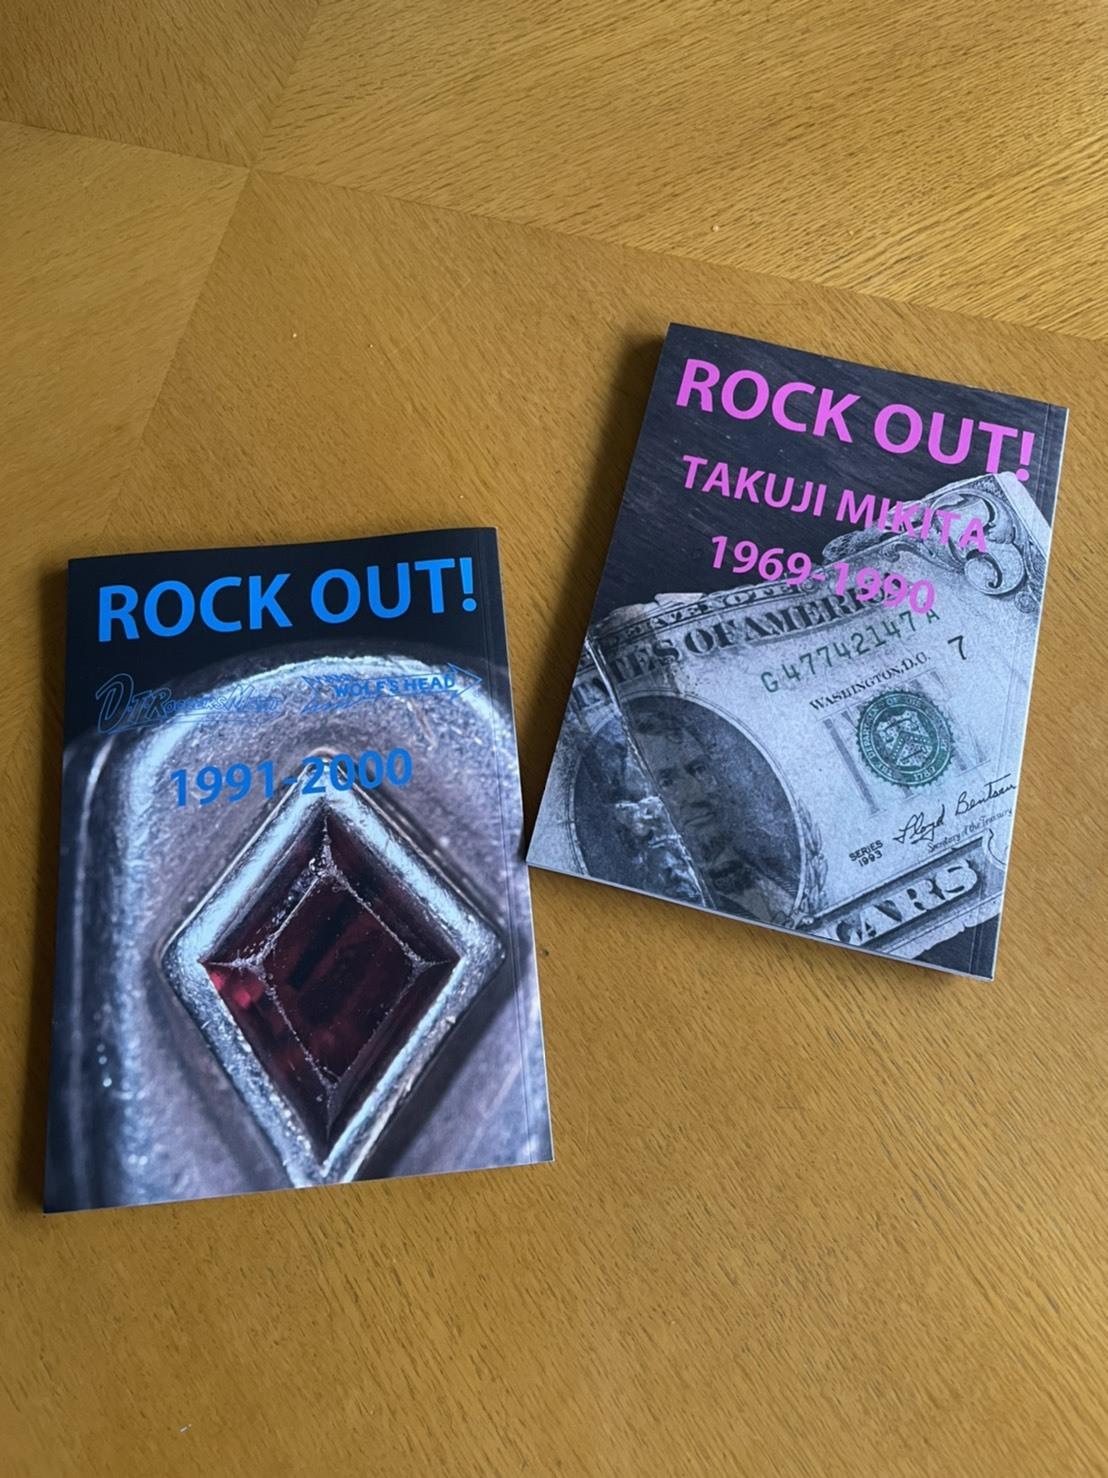 ウルフズヘッド30周年記念『ROCK OUT』_d0339889_18445253.jpg